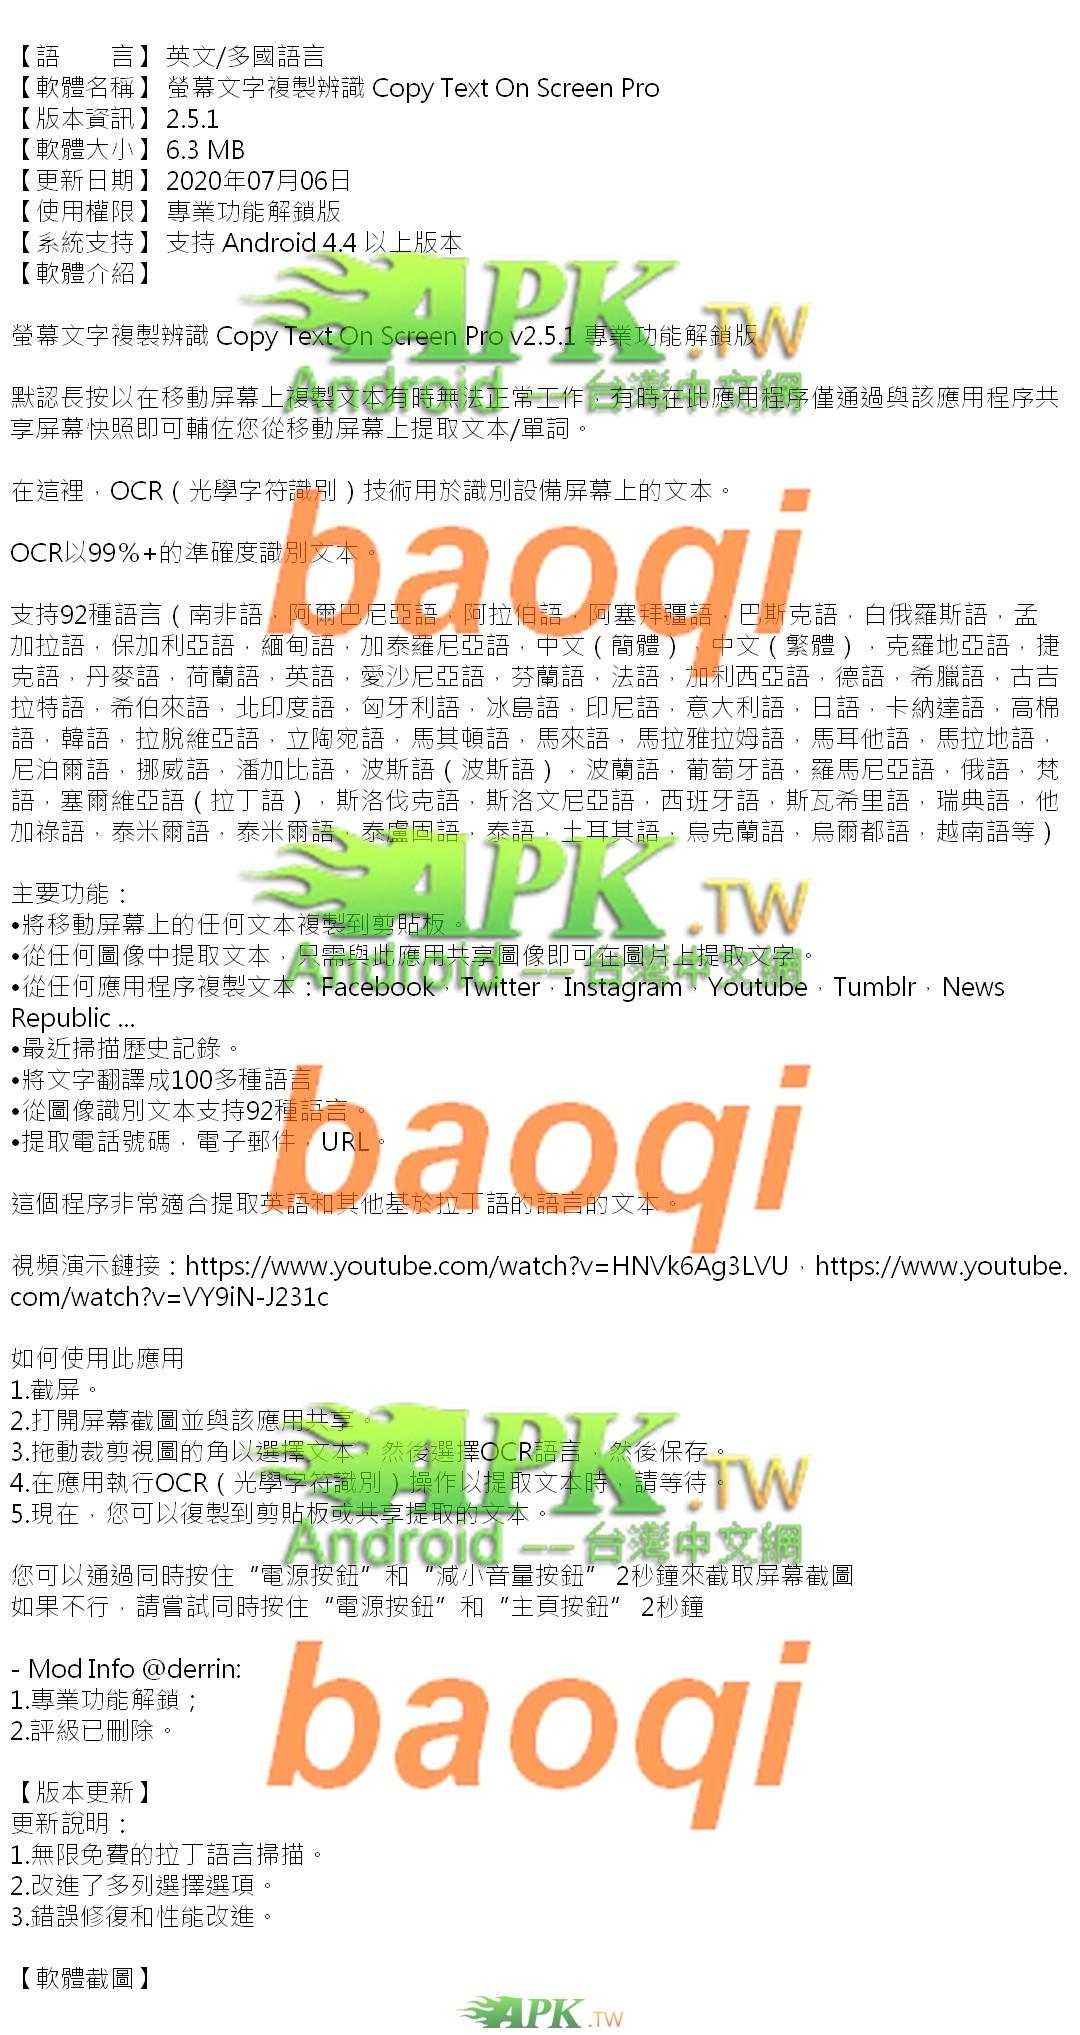 CopyTextOnScreenPRO_2.5.1_.jpg